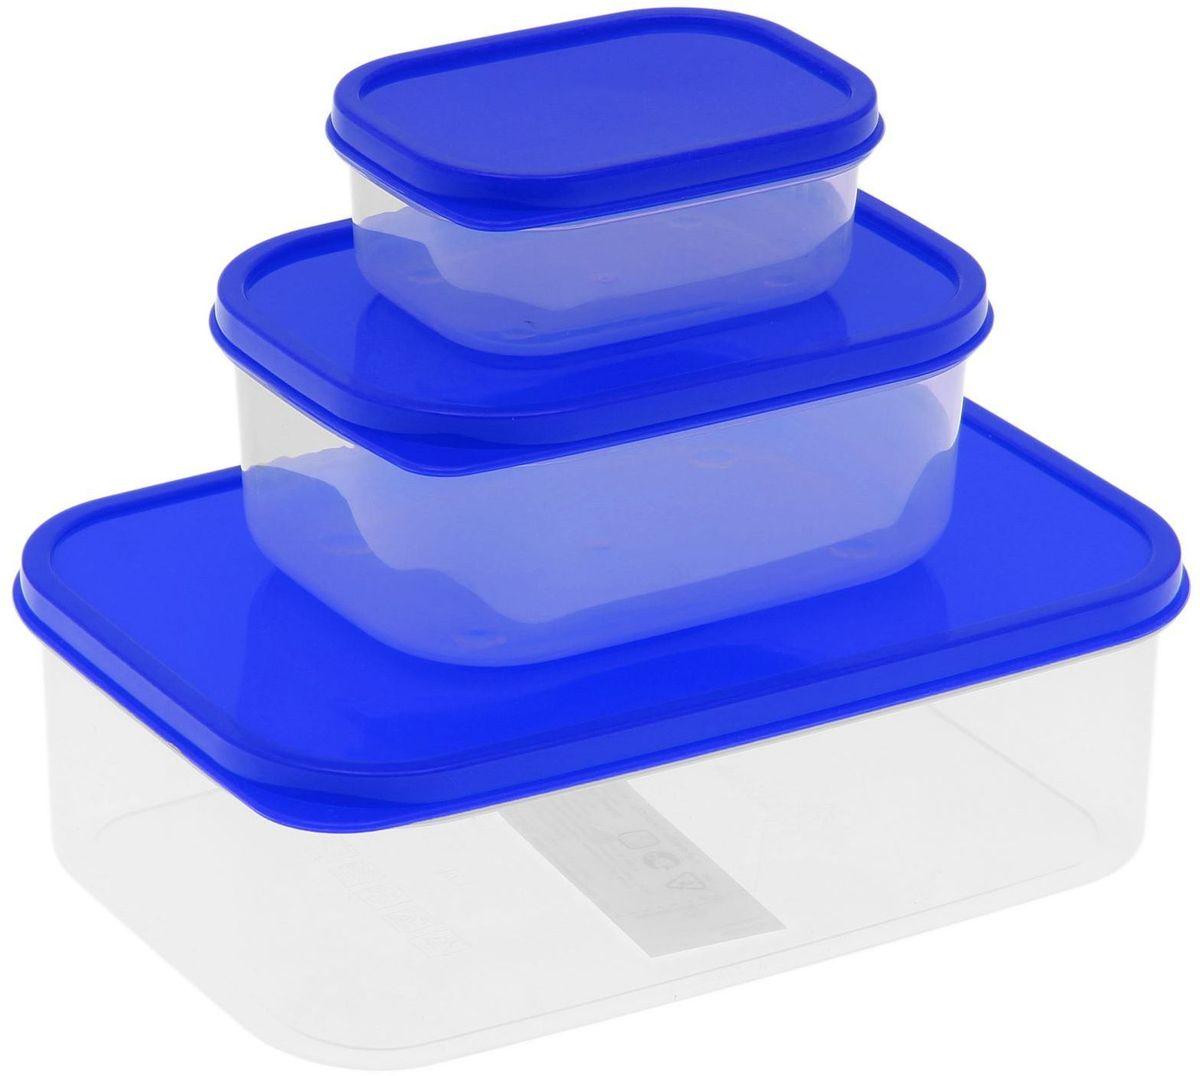 Набор пищевых контейнеров Доляна, цвет: синий, 3 штVT-1520(SR)Если после вкусного обеда осталась еда, а насладиться трапезой хочется и на следующий день, ланч-бокс станет отличным решением данной проблемы!Такой контейнер является незаменимым предметом кухонной утвари, ведь у него много преимуществ:Простота ухода. Ланч-бокс достаточно промыть тёплой водой с небольшим количеством чистящего средства, и он снова готов к использованию.Вместительность. Большой выбор форм и объёма поможет разместить разнообразные продукты от сахара до супов.Эргономичность. Ланч-боксы очень легко хранить даже в самой маленькой кухне, так как их можно поставить один в другой по принципу матрёшки.Многофункциональность. Разнообразие цветов и форм делает возможным использование контейнеров не только на кухне, но и в других областях домашнего быта.Любители приготовления обеда на всю семью в большинстве случаев приобретают ланч-боксы наборами, так как это позволяет рассортировать продукты по всевозможным признакам. К тому же контейнеры среднего размера станут незаменимыми помощниками на работе: ведь что может быть приятнее, чем порадовать себя во время обеда прекрасной едой, заботливо сохранённой в контейнере?В качестве материала для изготовления используется пластик, что делает процесс ухода за контейнером ещё более эффективным. К каждому ланч-боксу в комплекте также прилагается крышка подходящего размера, это позволяет плотно и надёжно удерживать запах еды и упрощает процесс транспортировки.Однако рекомендуется соблюдать и меры предосторожности: не использовать пластиковые контейнеры в духовых шкафах и на открытом огне, а также не разогревать в микроволновых печах при закрытой крышке ланч-бокса. Соблюдение мер безопасности позволит продлить срок эксплуатации и сохранить отличный внешний вид изделия.Эргономичный дизайн и многофункциональность таких контейнеров — вот, что является причиной большой популярности данного предмета у каждой хозяйки. А в преддверии лета и дачного сезона такое приобрете